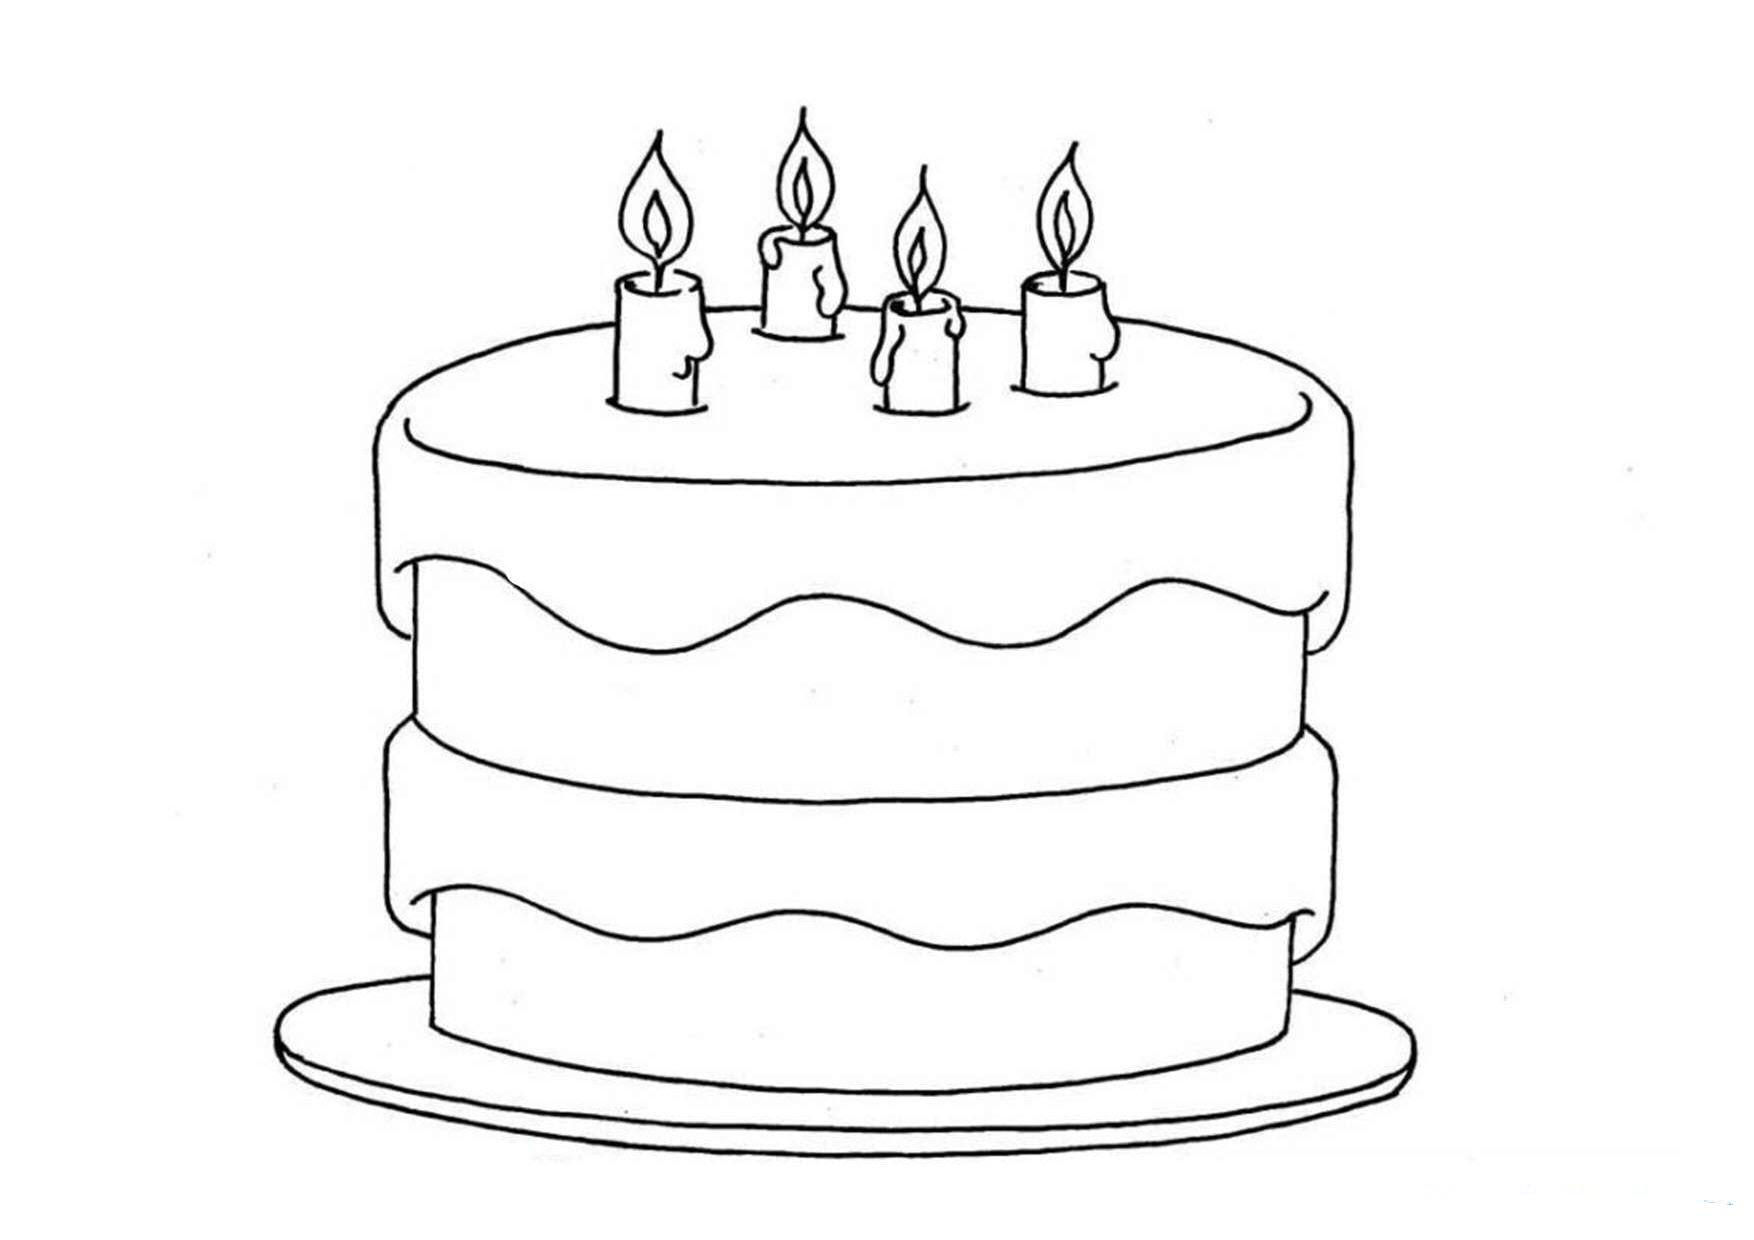 Tranh tô màu bánh sinh nhật đơn giản, dễ tô